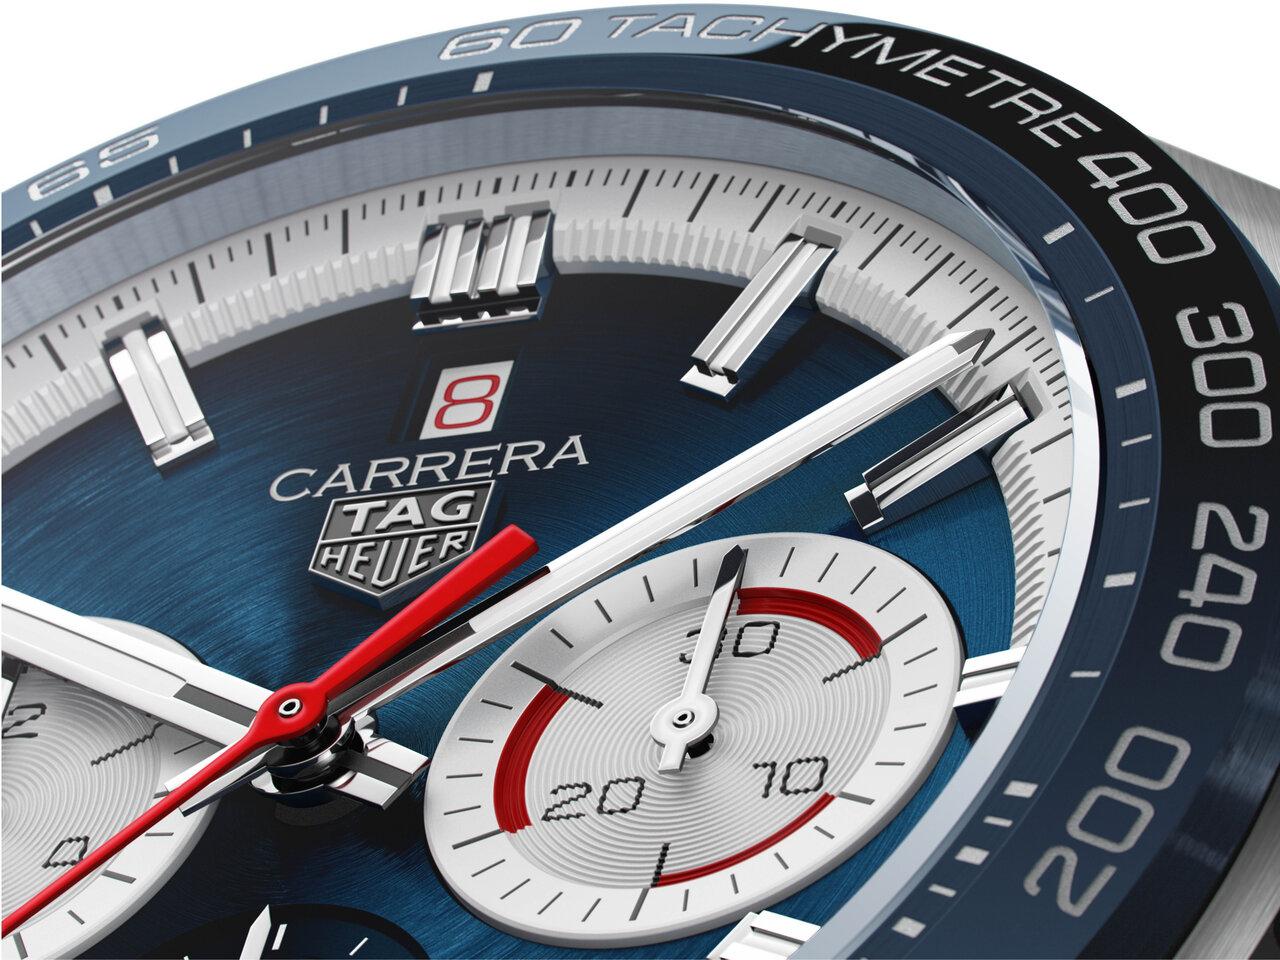 タグ・ホイヤー カレラ スポーツクロノグラフ 160周年リミテッドエディション|TAG Heuer